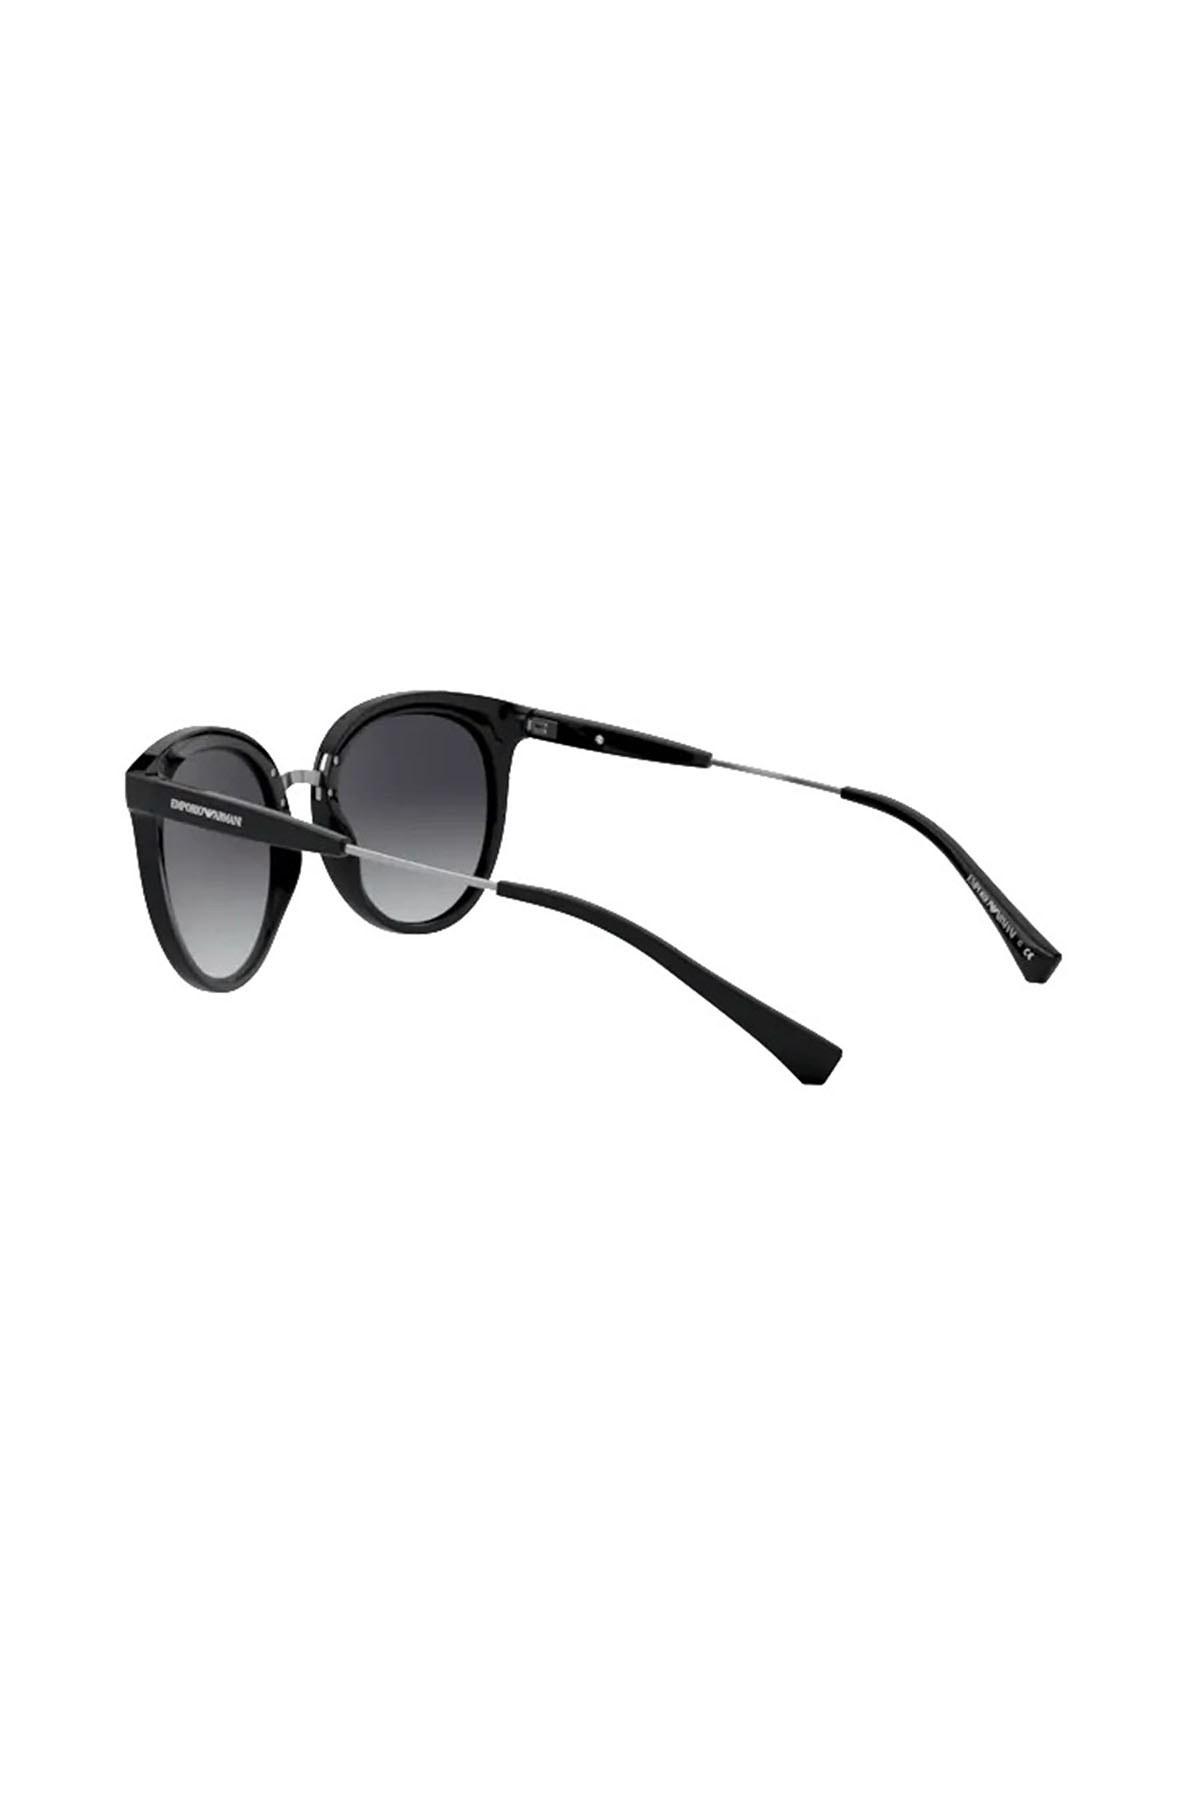 Emporio Armani Kadın Gözlük 0EA4145 50018G 53 SİYAH